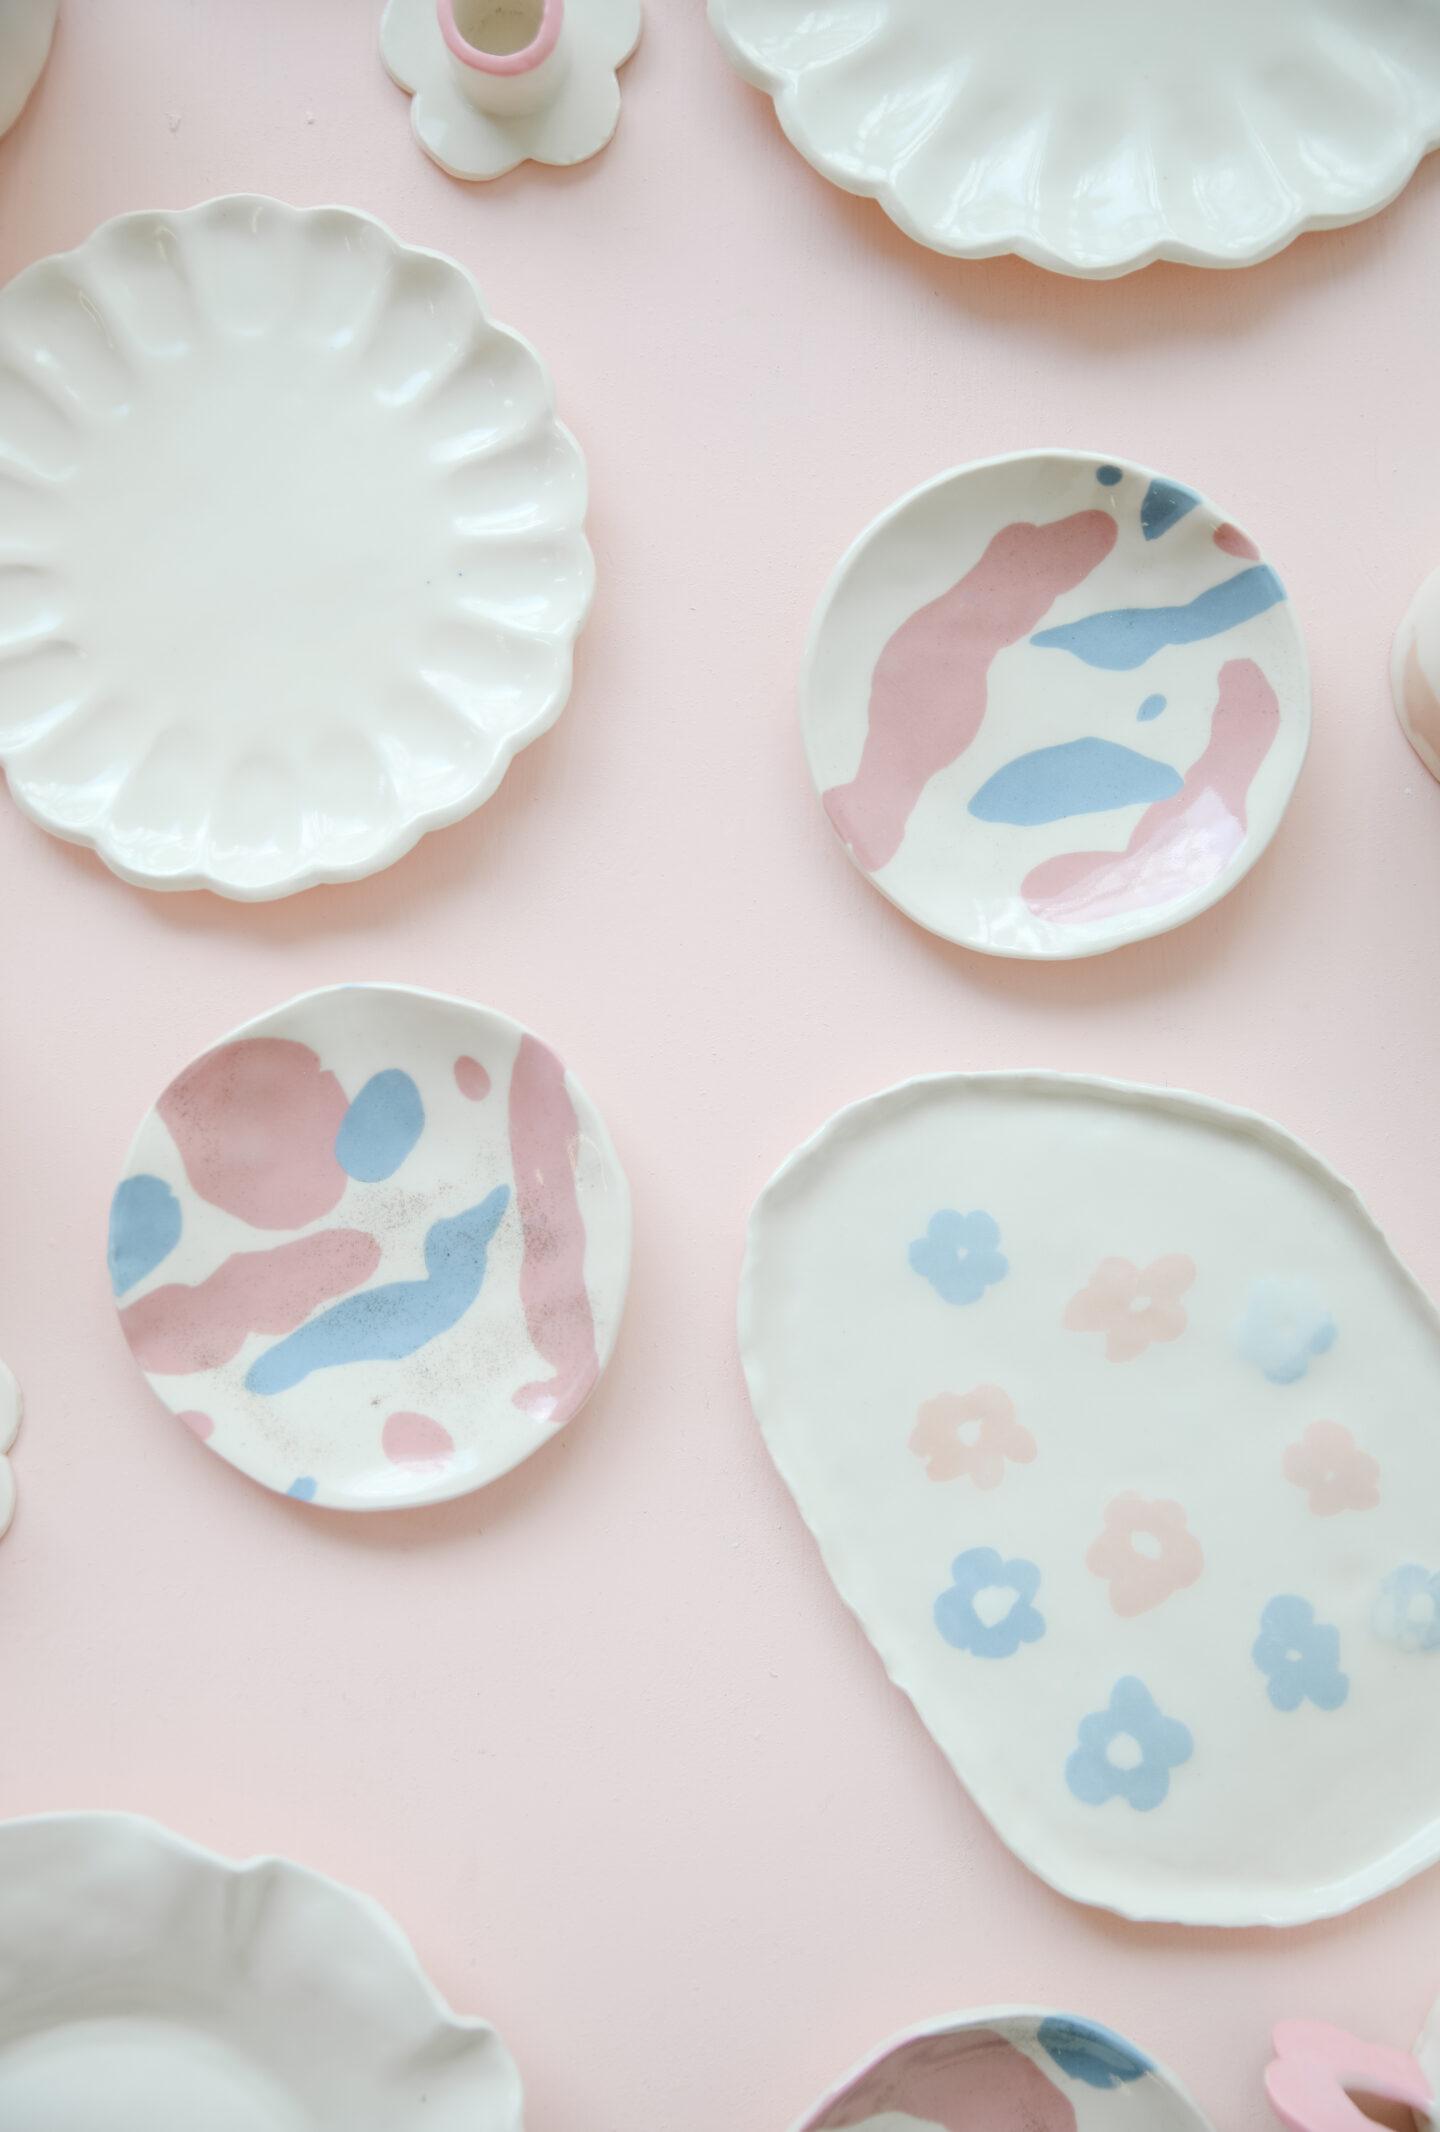 Colourful Ceramic Design